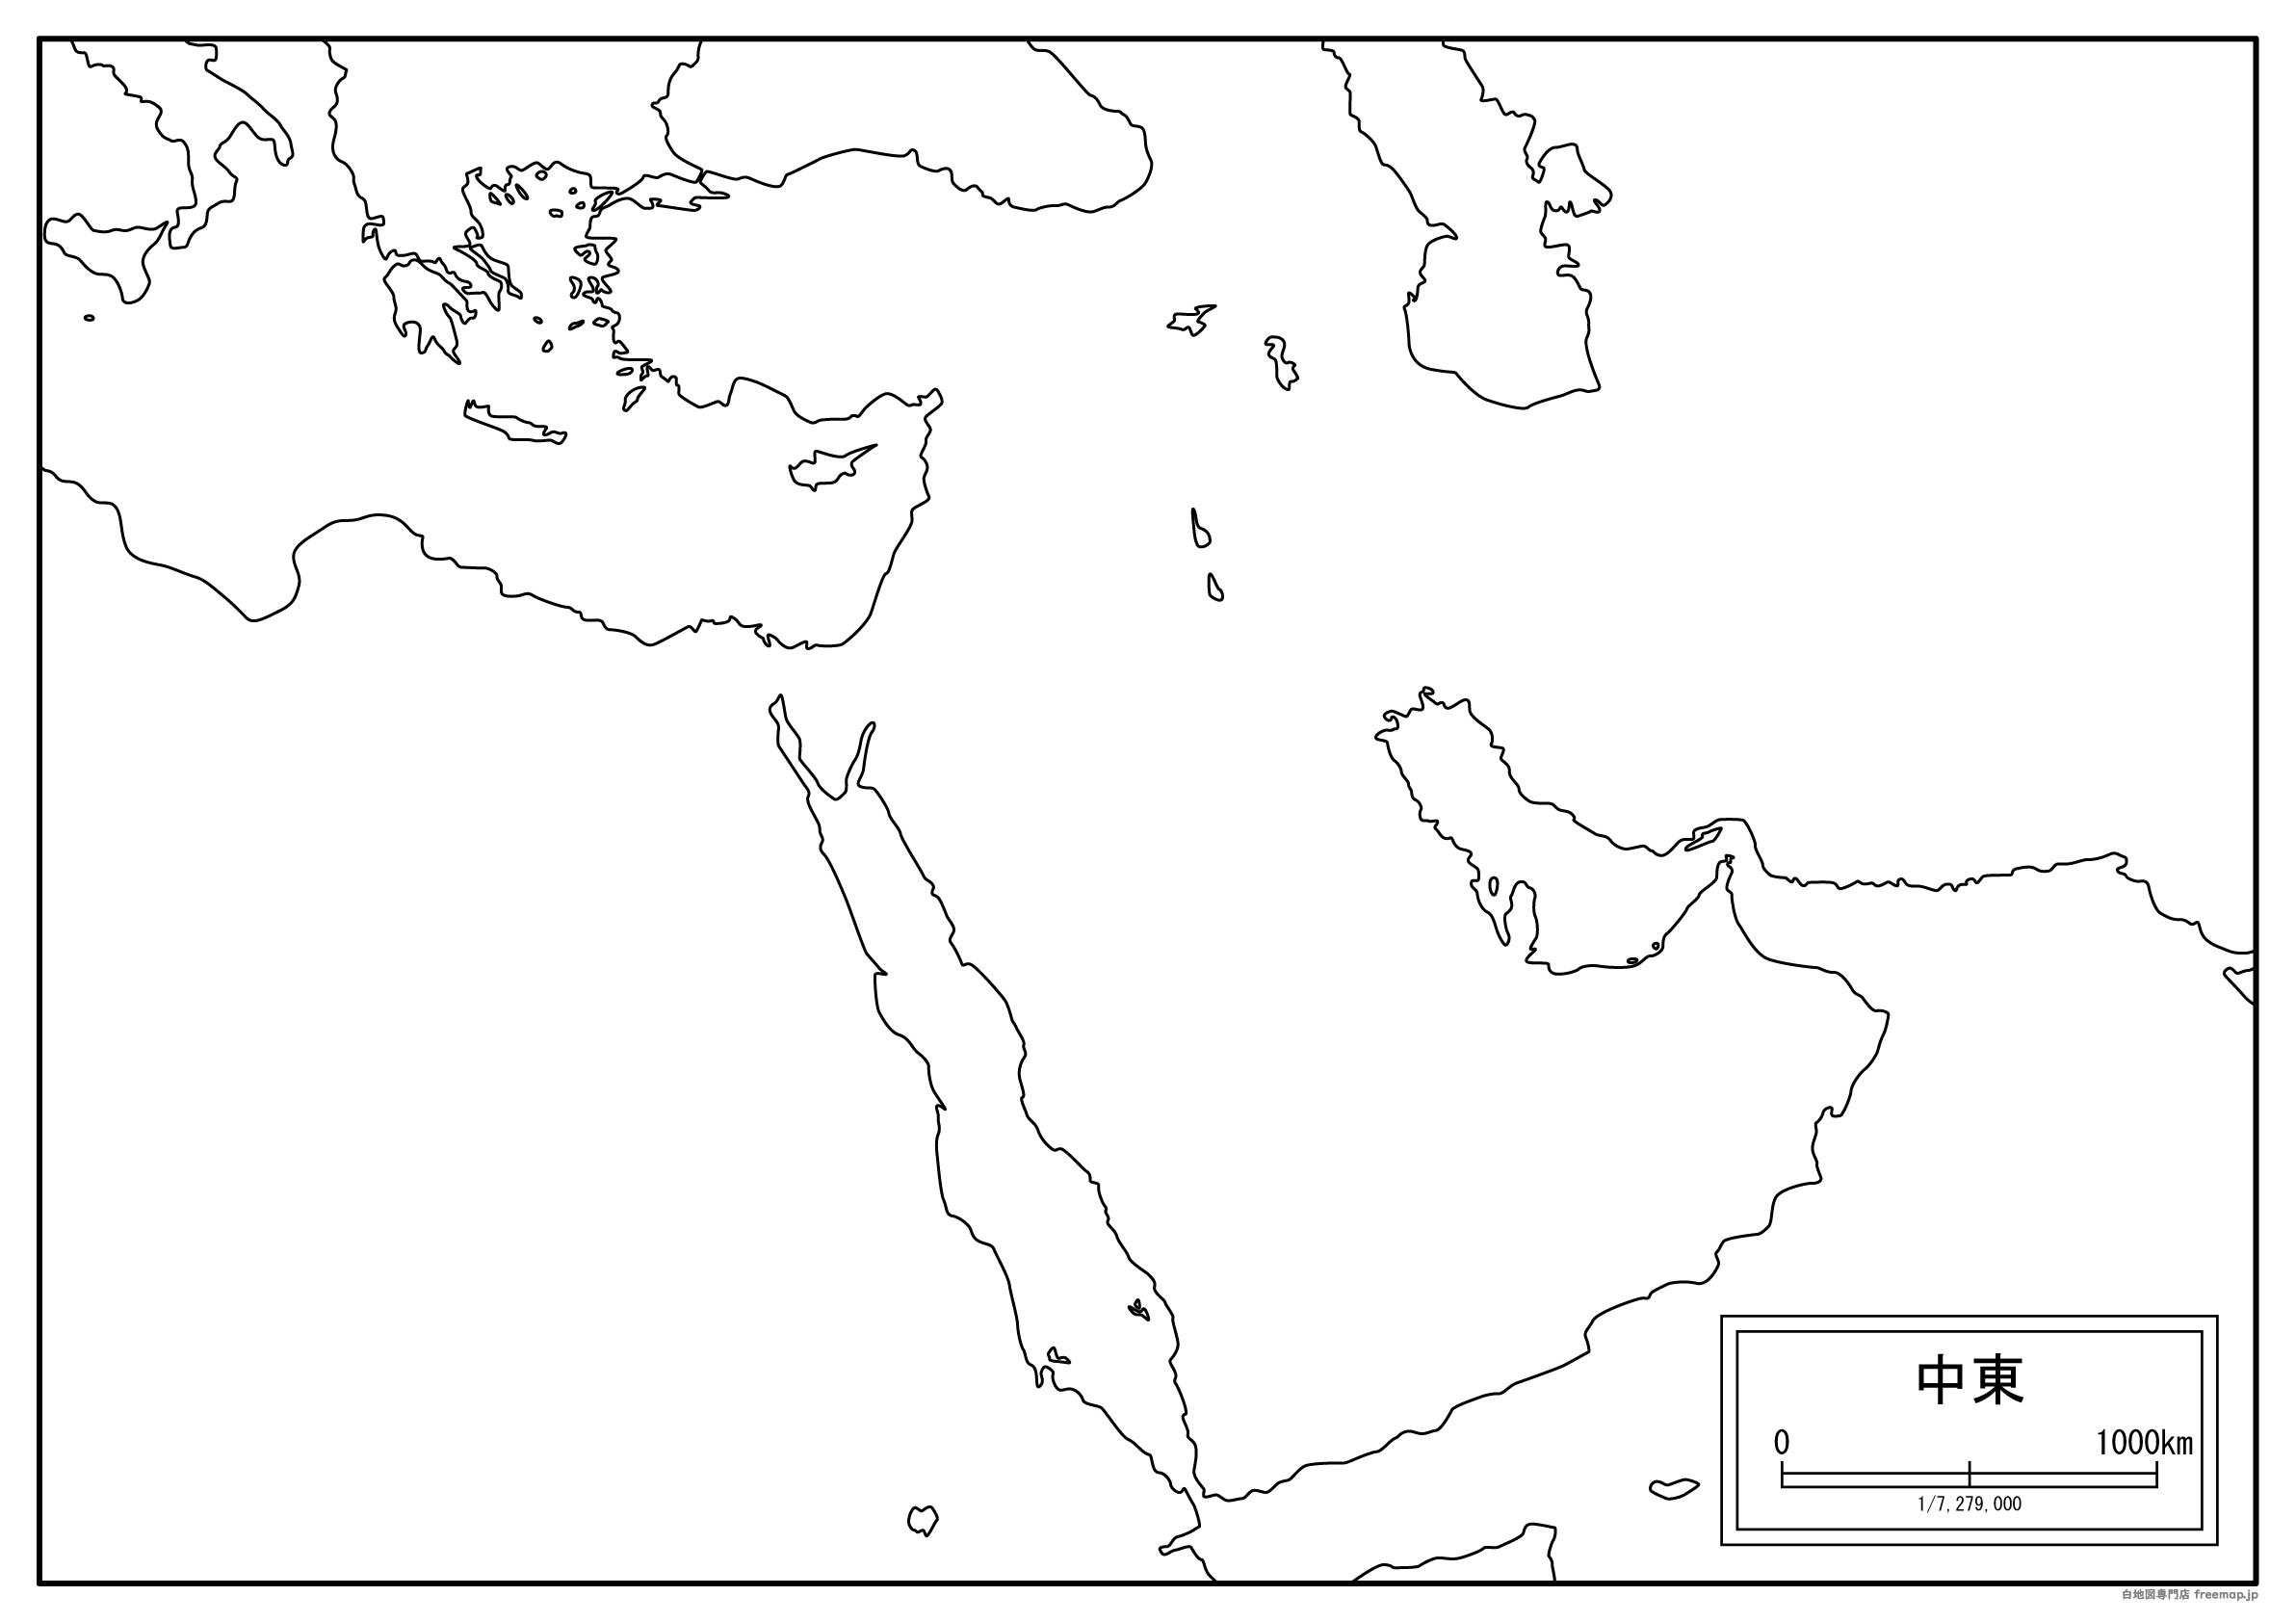 中東の白地図を無料ダウンロードダウンロードありがとうございます。